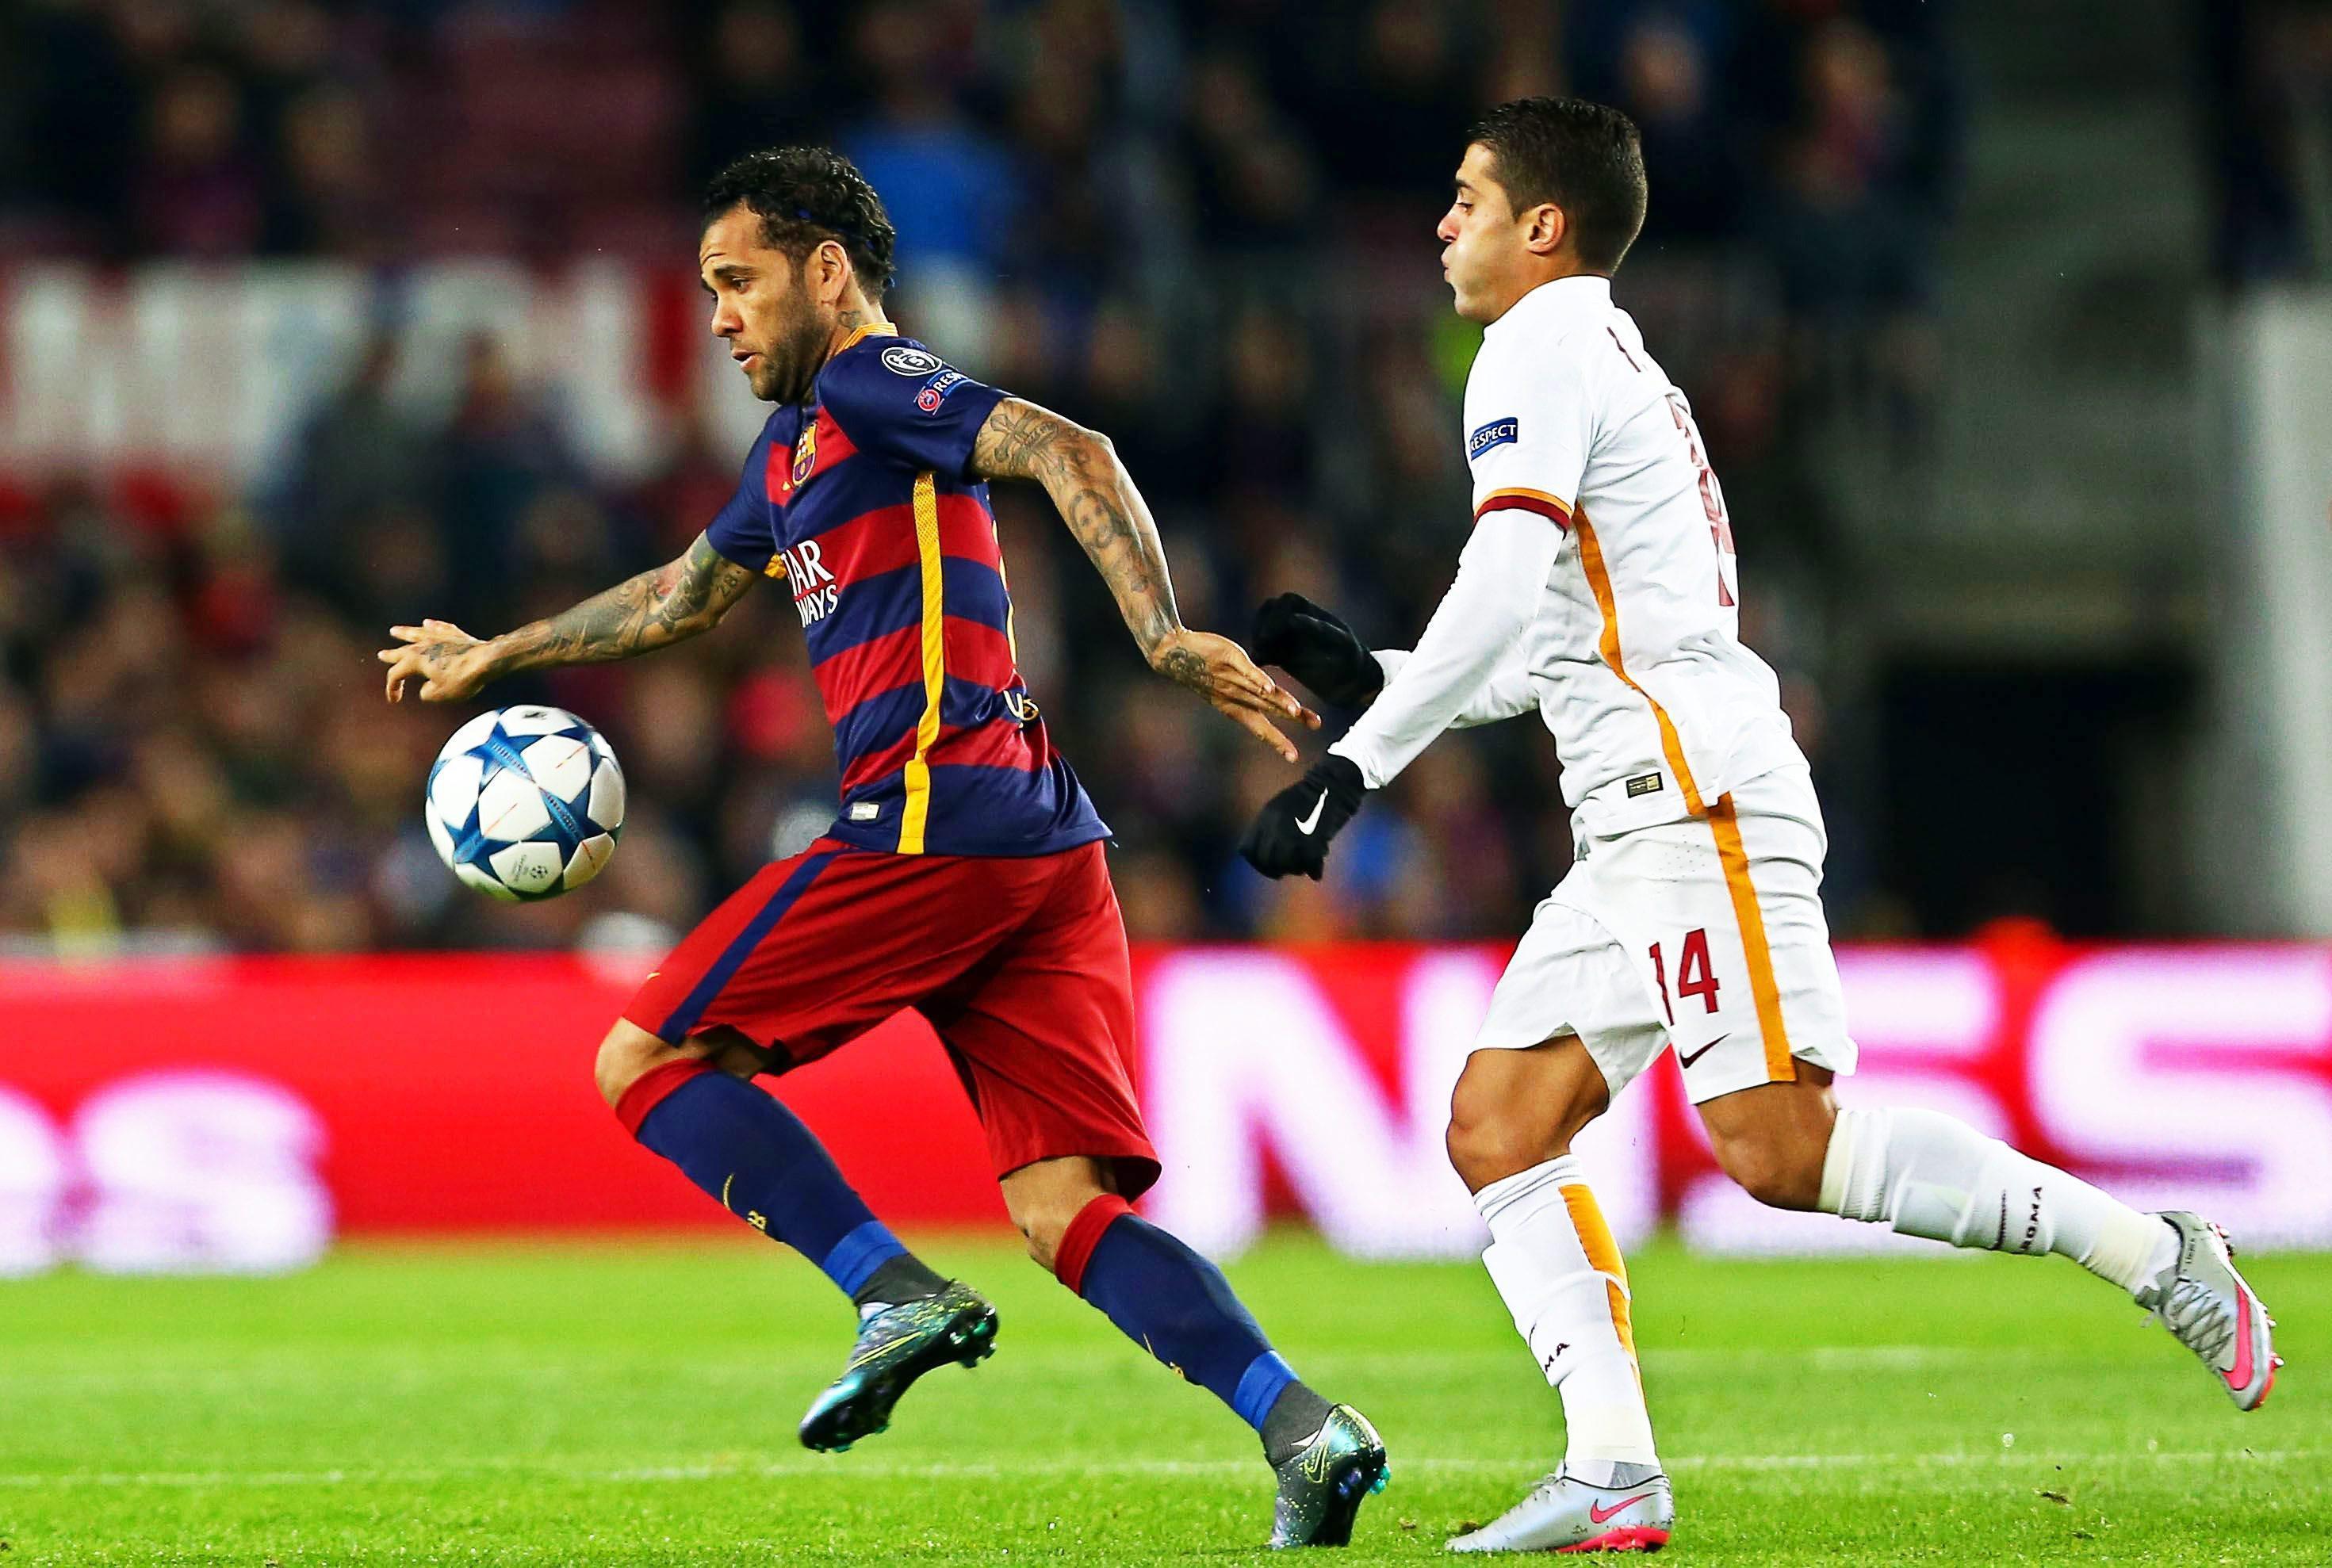 Barcellona batte Roma 6 1, come Manchester U. e Bayern altra notte da incubo / SPECIALE